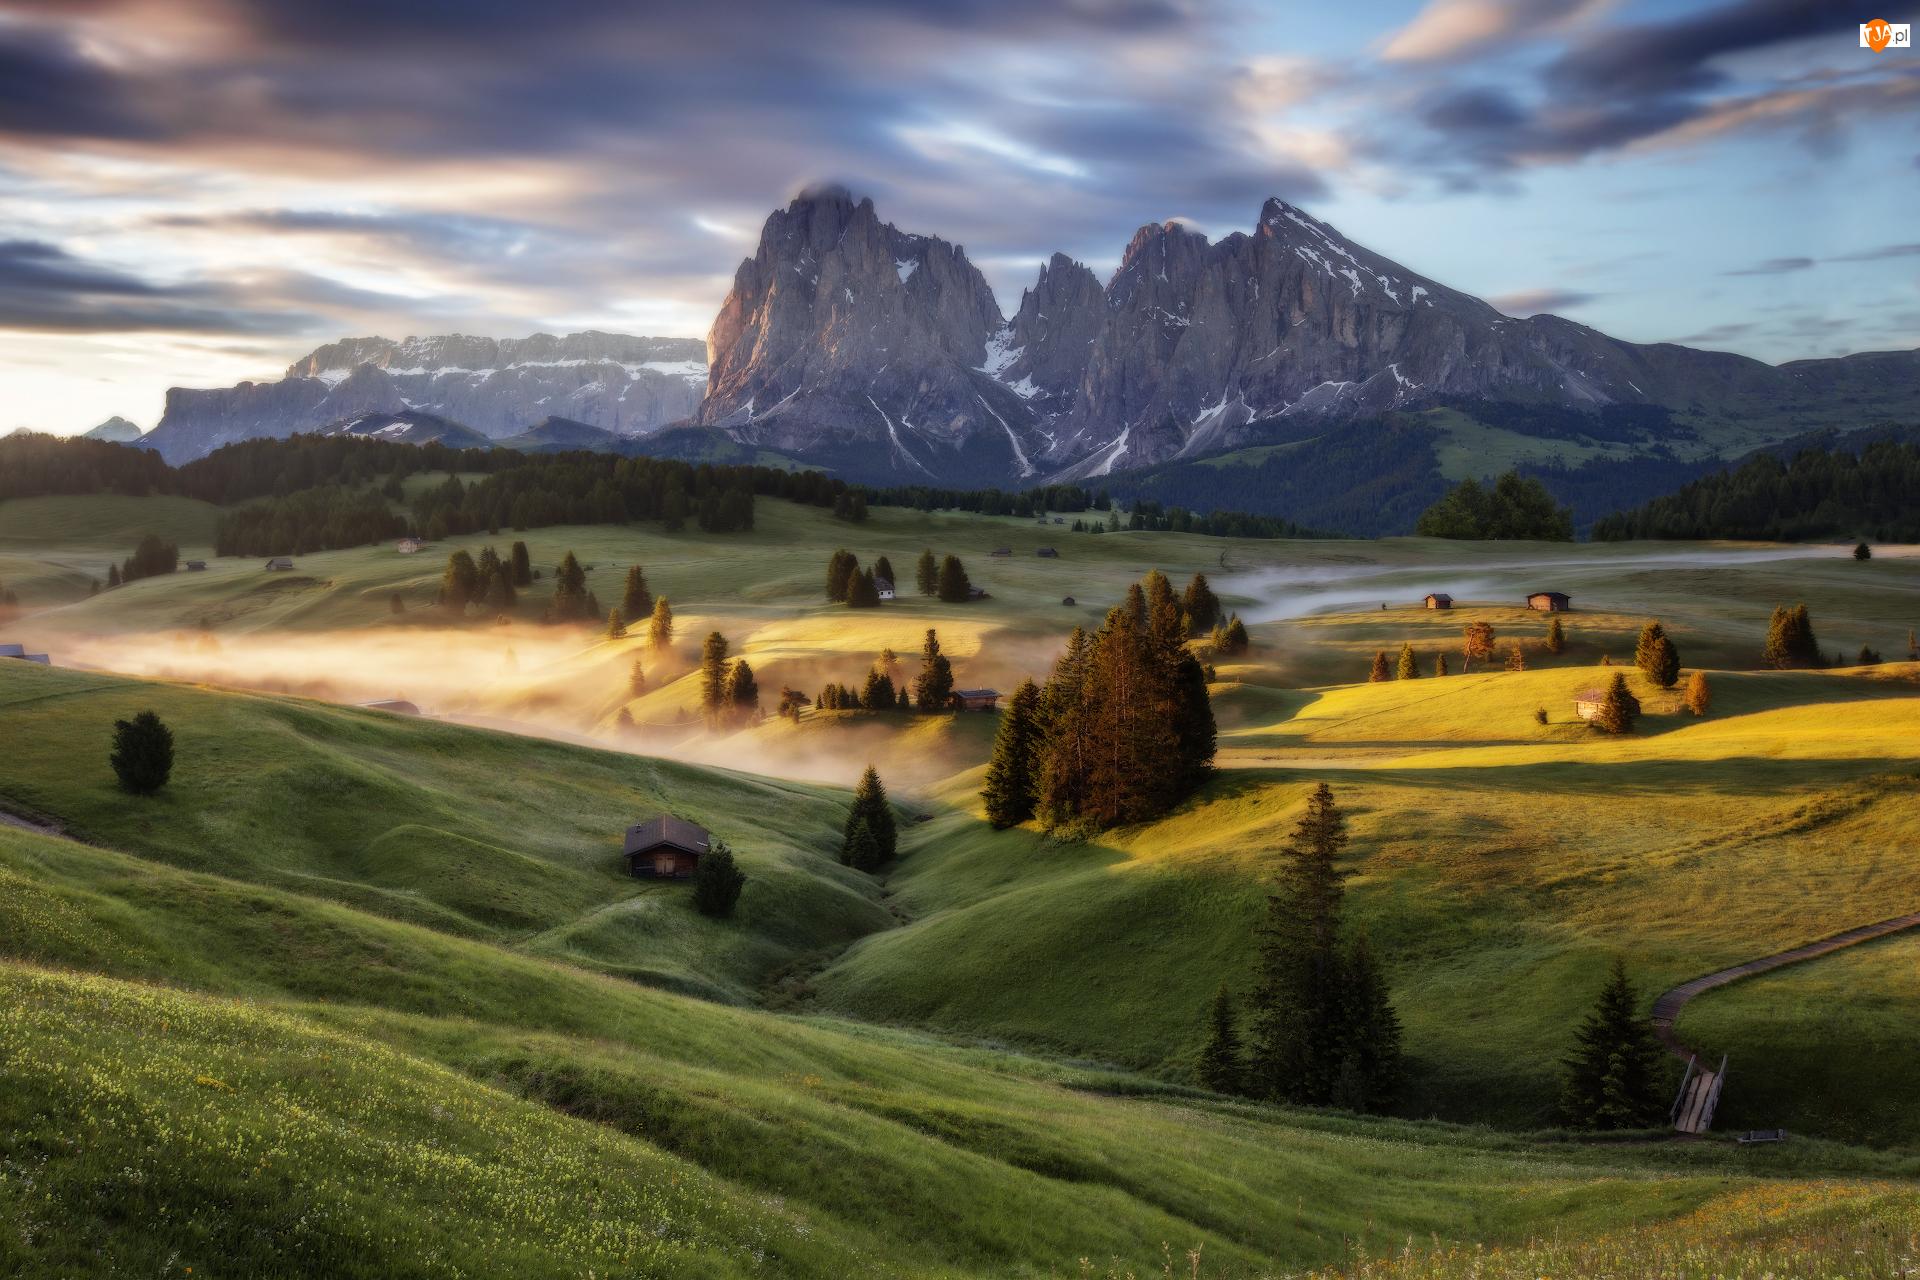 Dolomity, Wzgórza, Dolina Val Gardena, Płaskowyż Seiser Alm, Mgła, Góry Sassolungo, Włochy, Drzewa